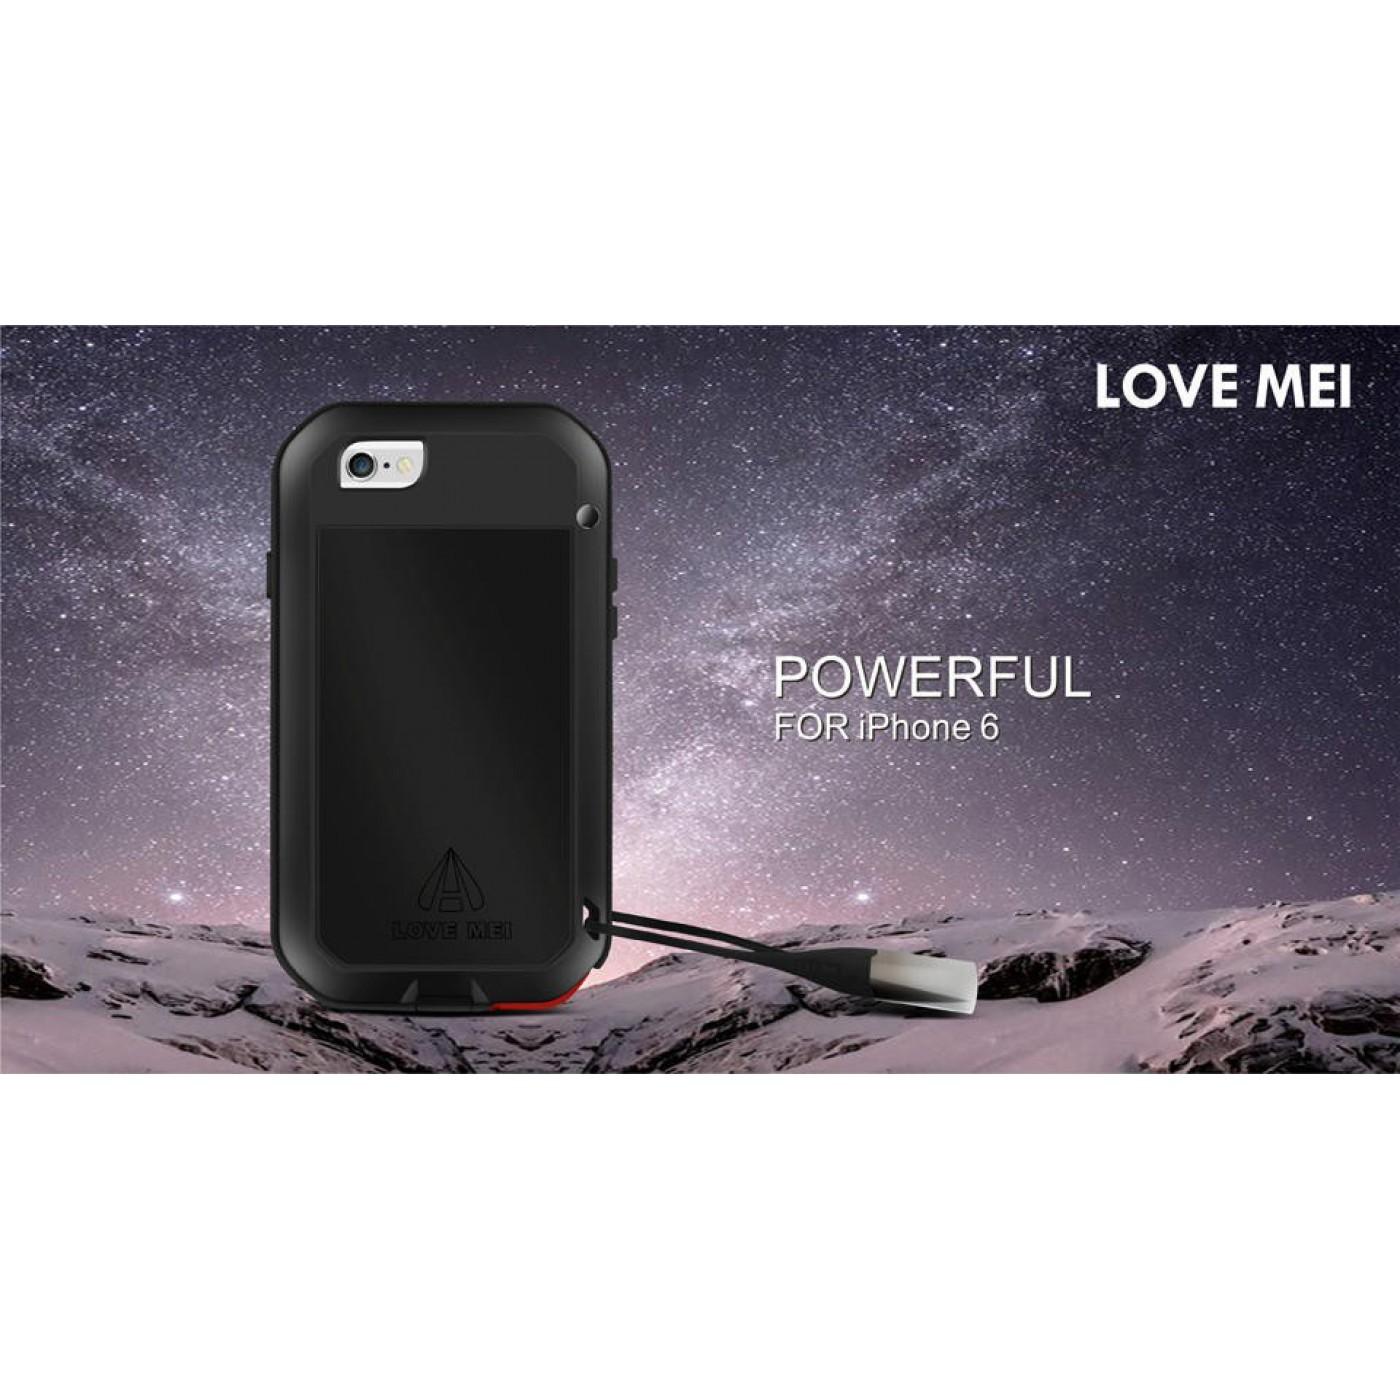 Coque Samsung Galaxy A3 (2016) - Love Mei Powerful